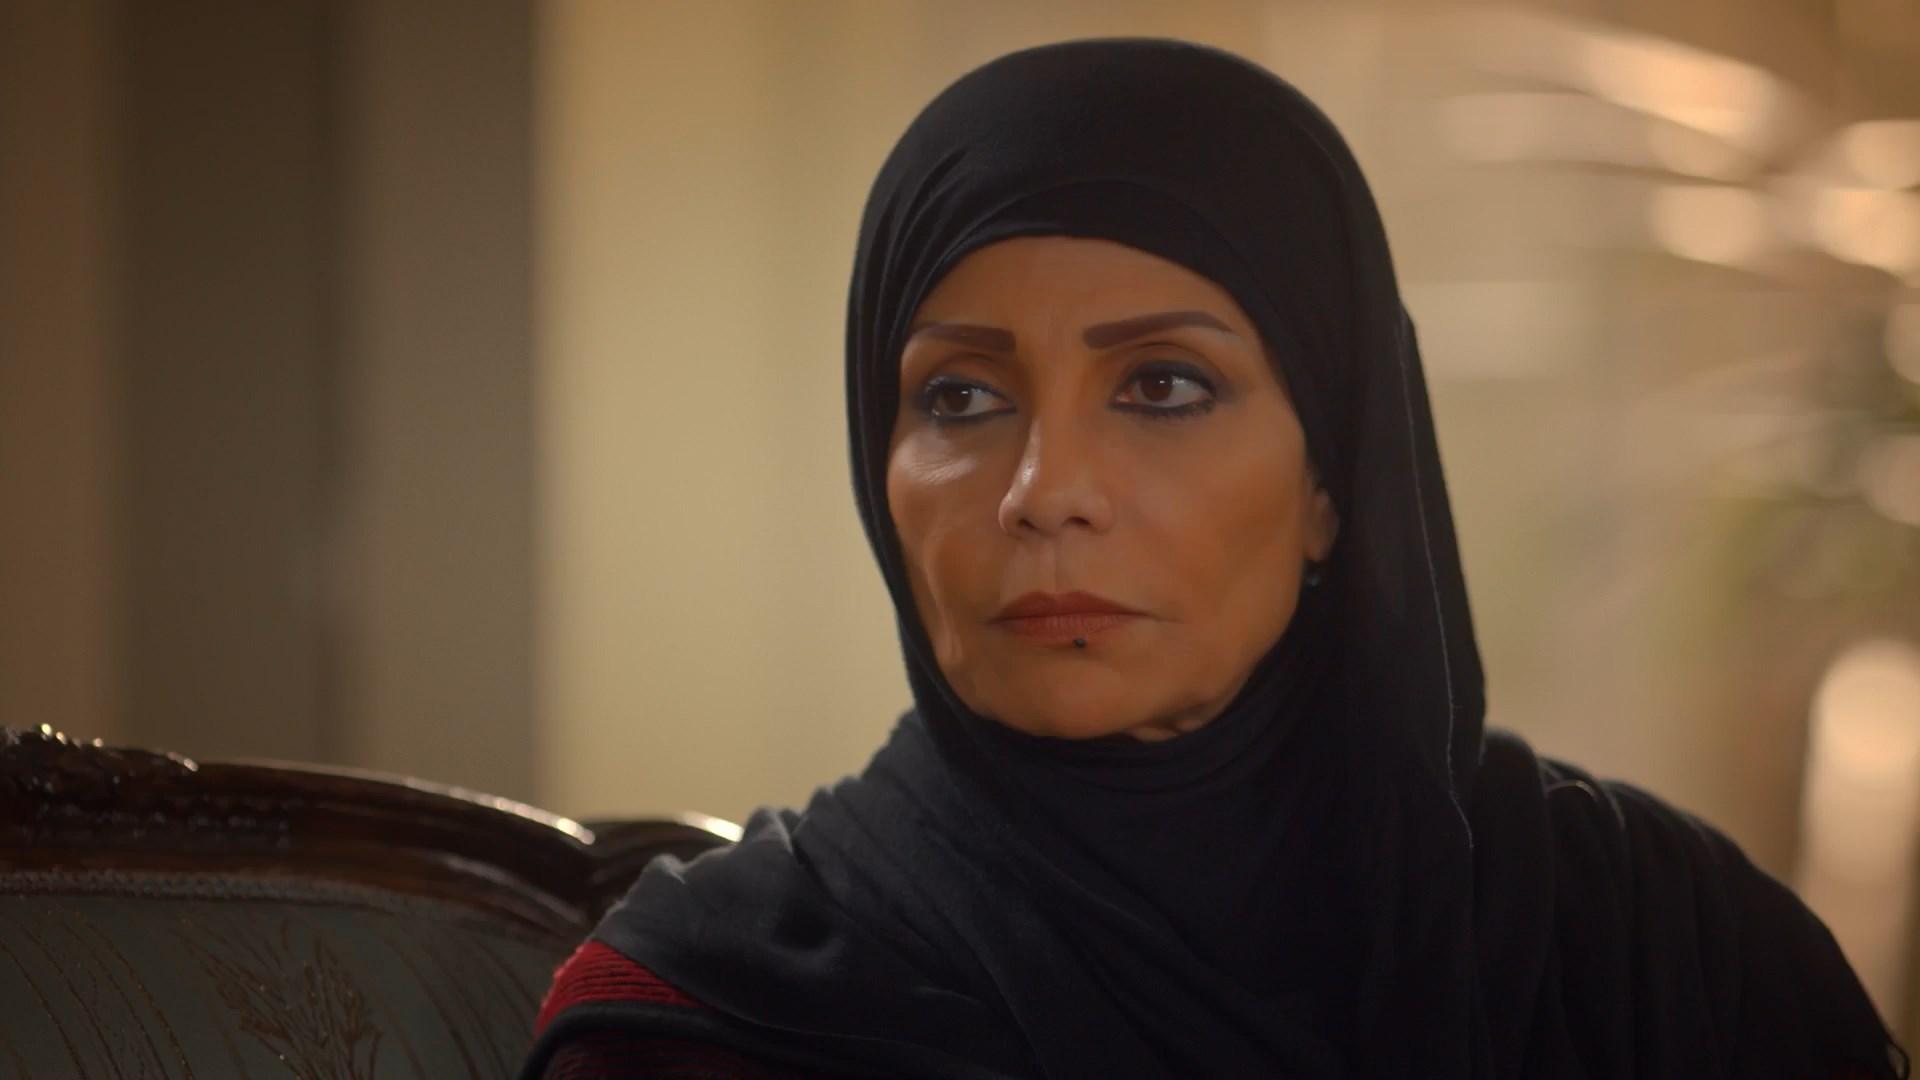 الـمـسـلـسـل الـمـصـري [ البيت الكبير ] الموسم الثالث الحلقة 12 و 13 بجودة WEB DL 1080p تحميل تورنت 2 arabp2p.com